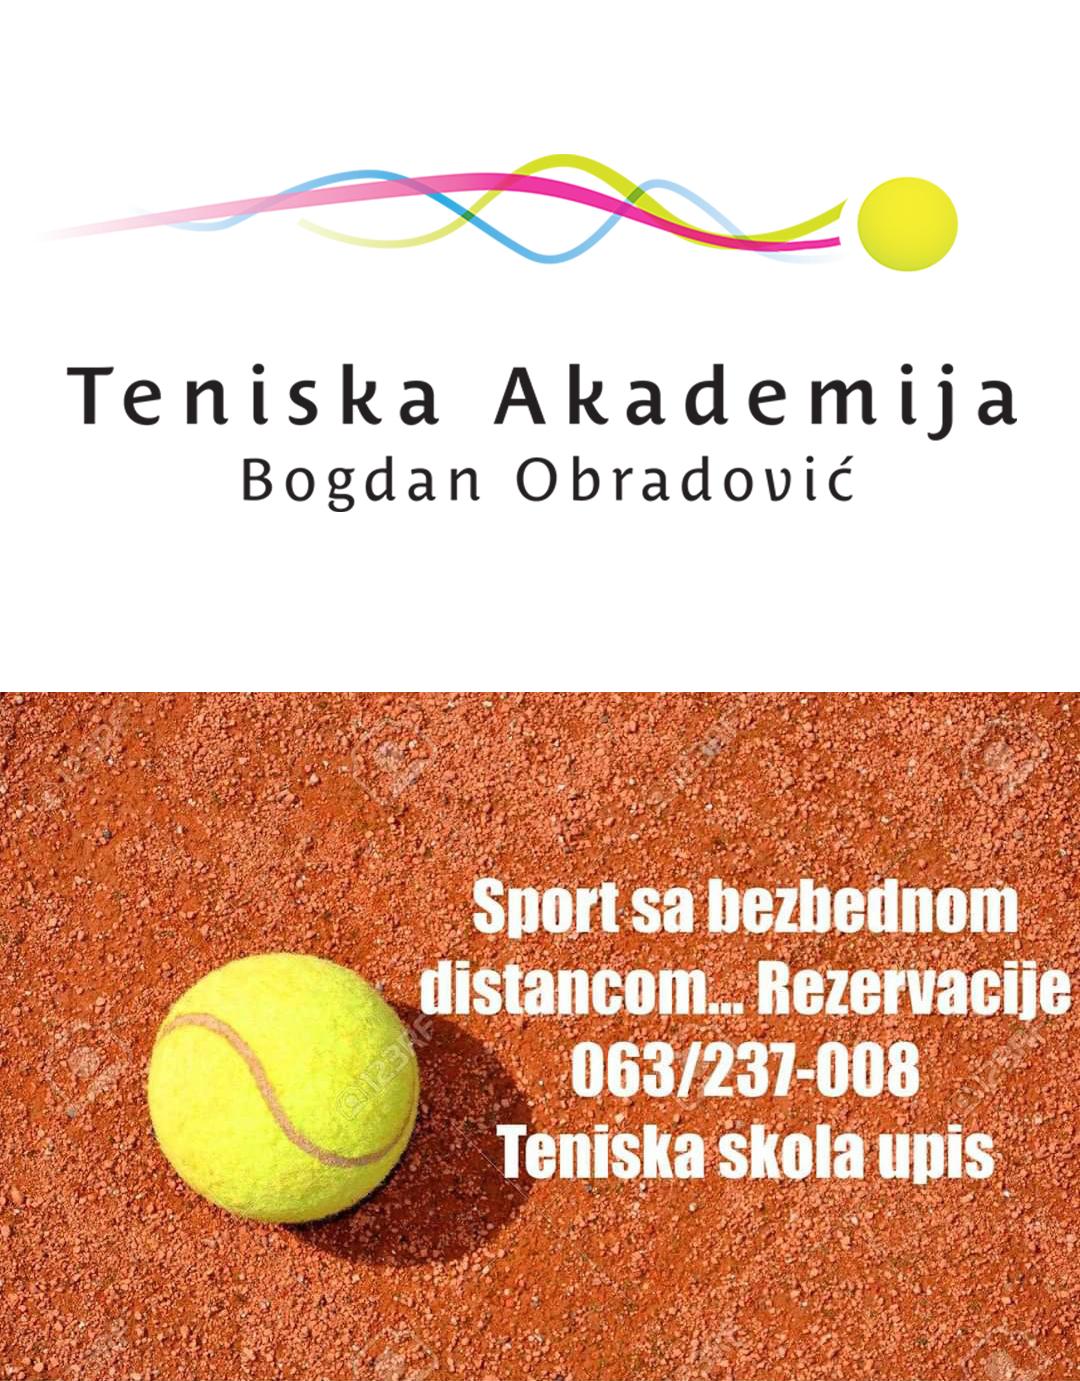 Skola tenisa